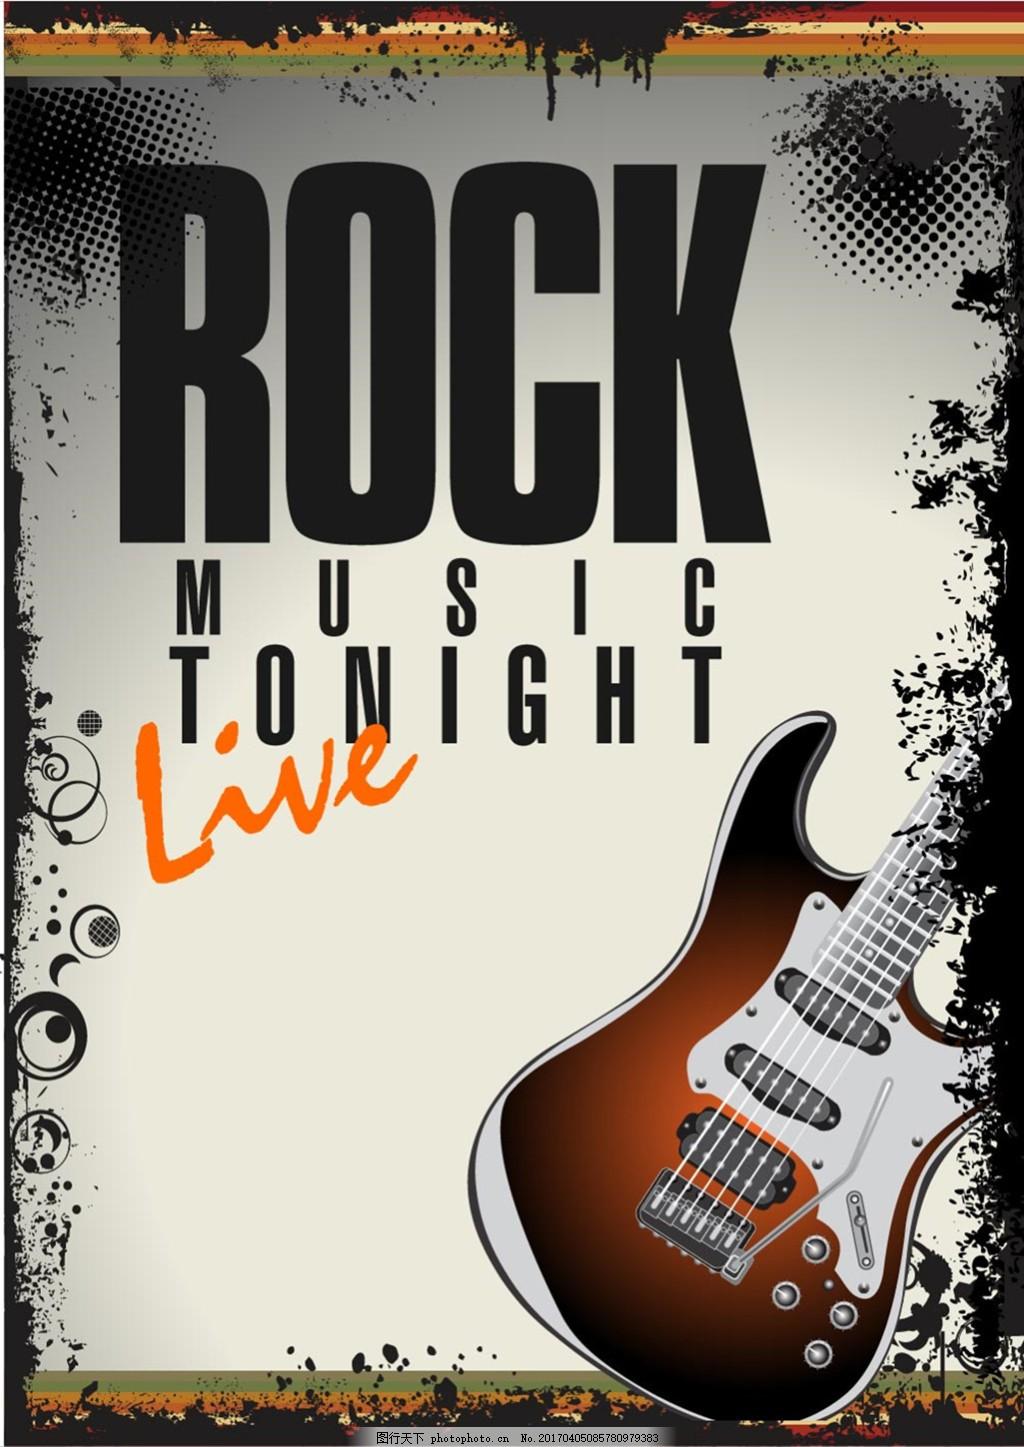 复古吉他图案音乐活动海报矢量素材下载